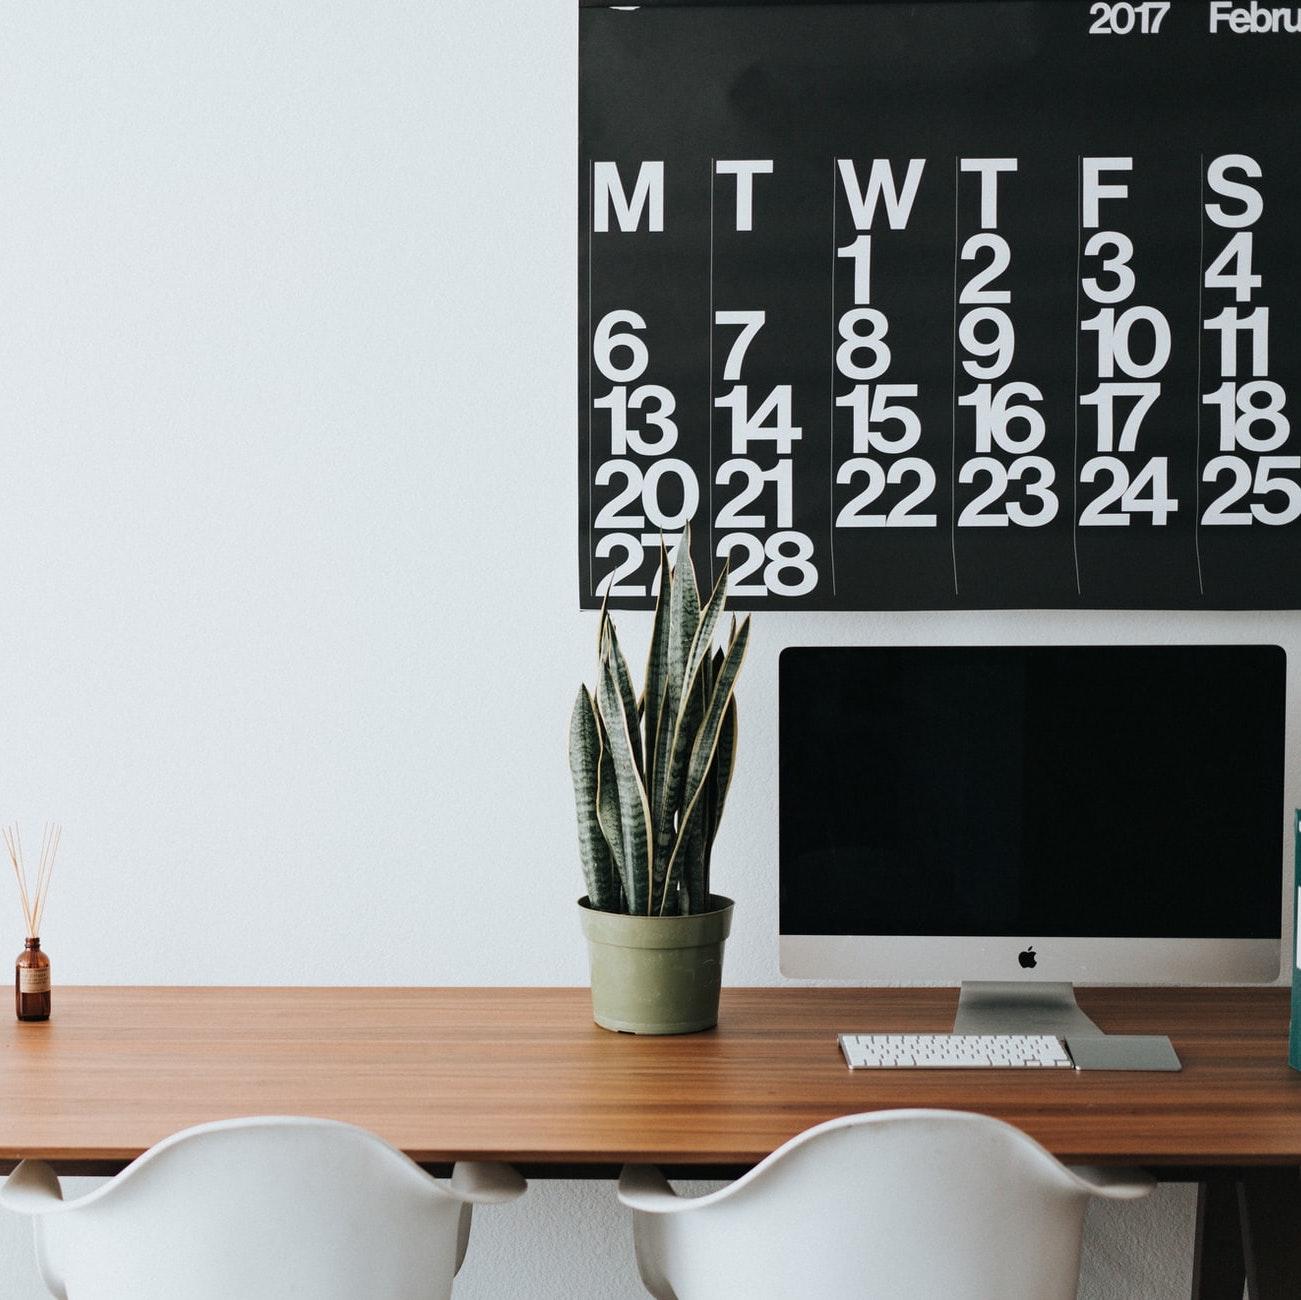 Як створити дзен-простір для роботи  вдома